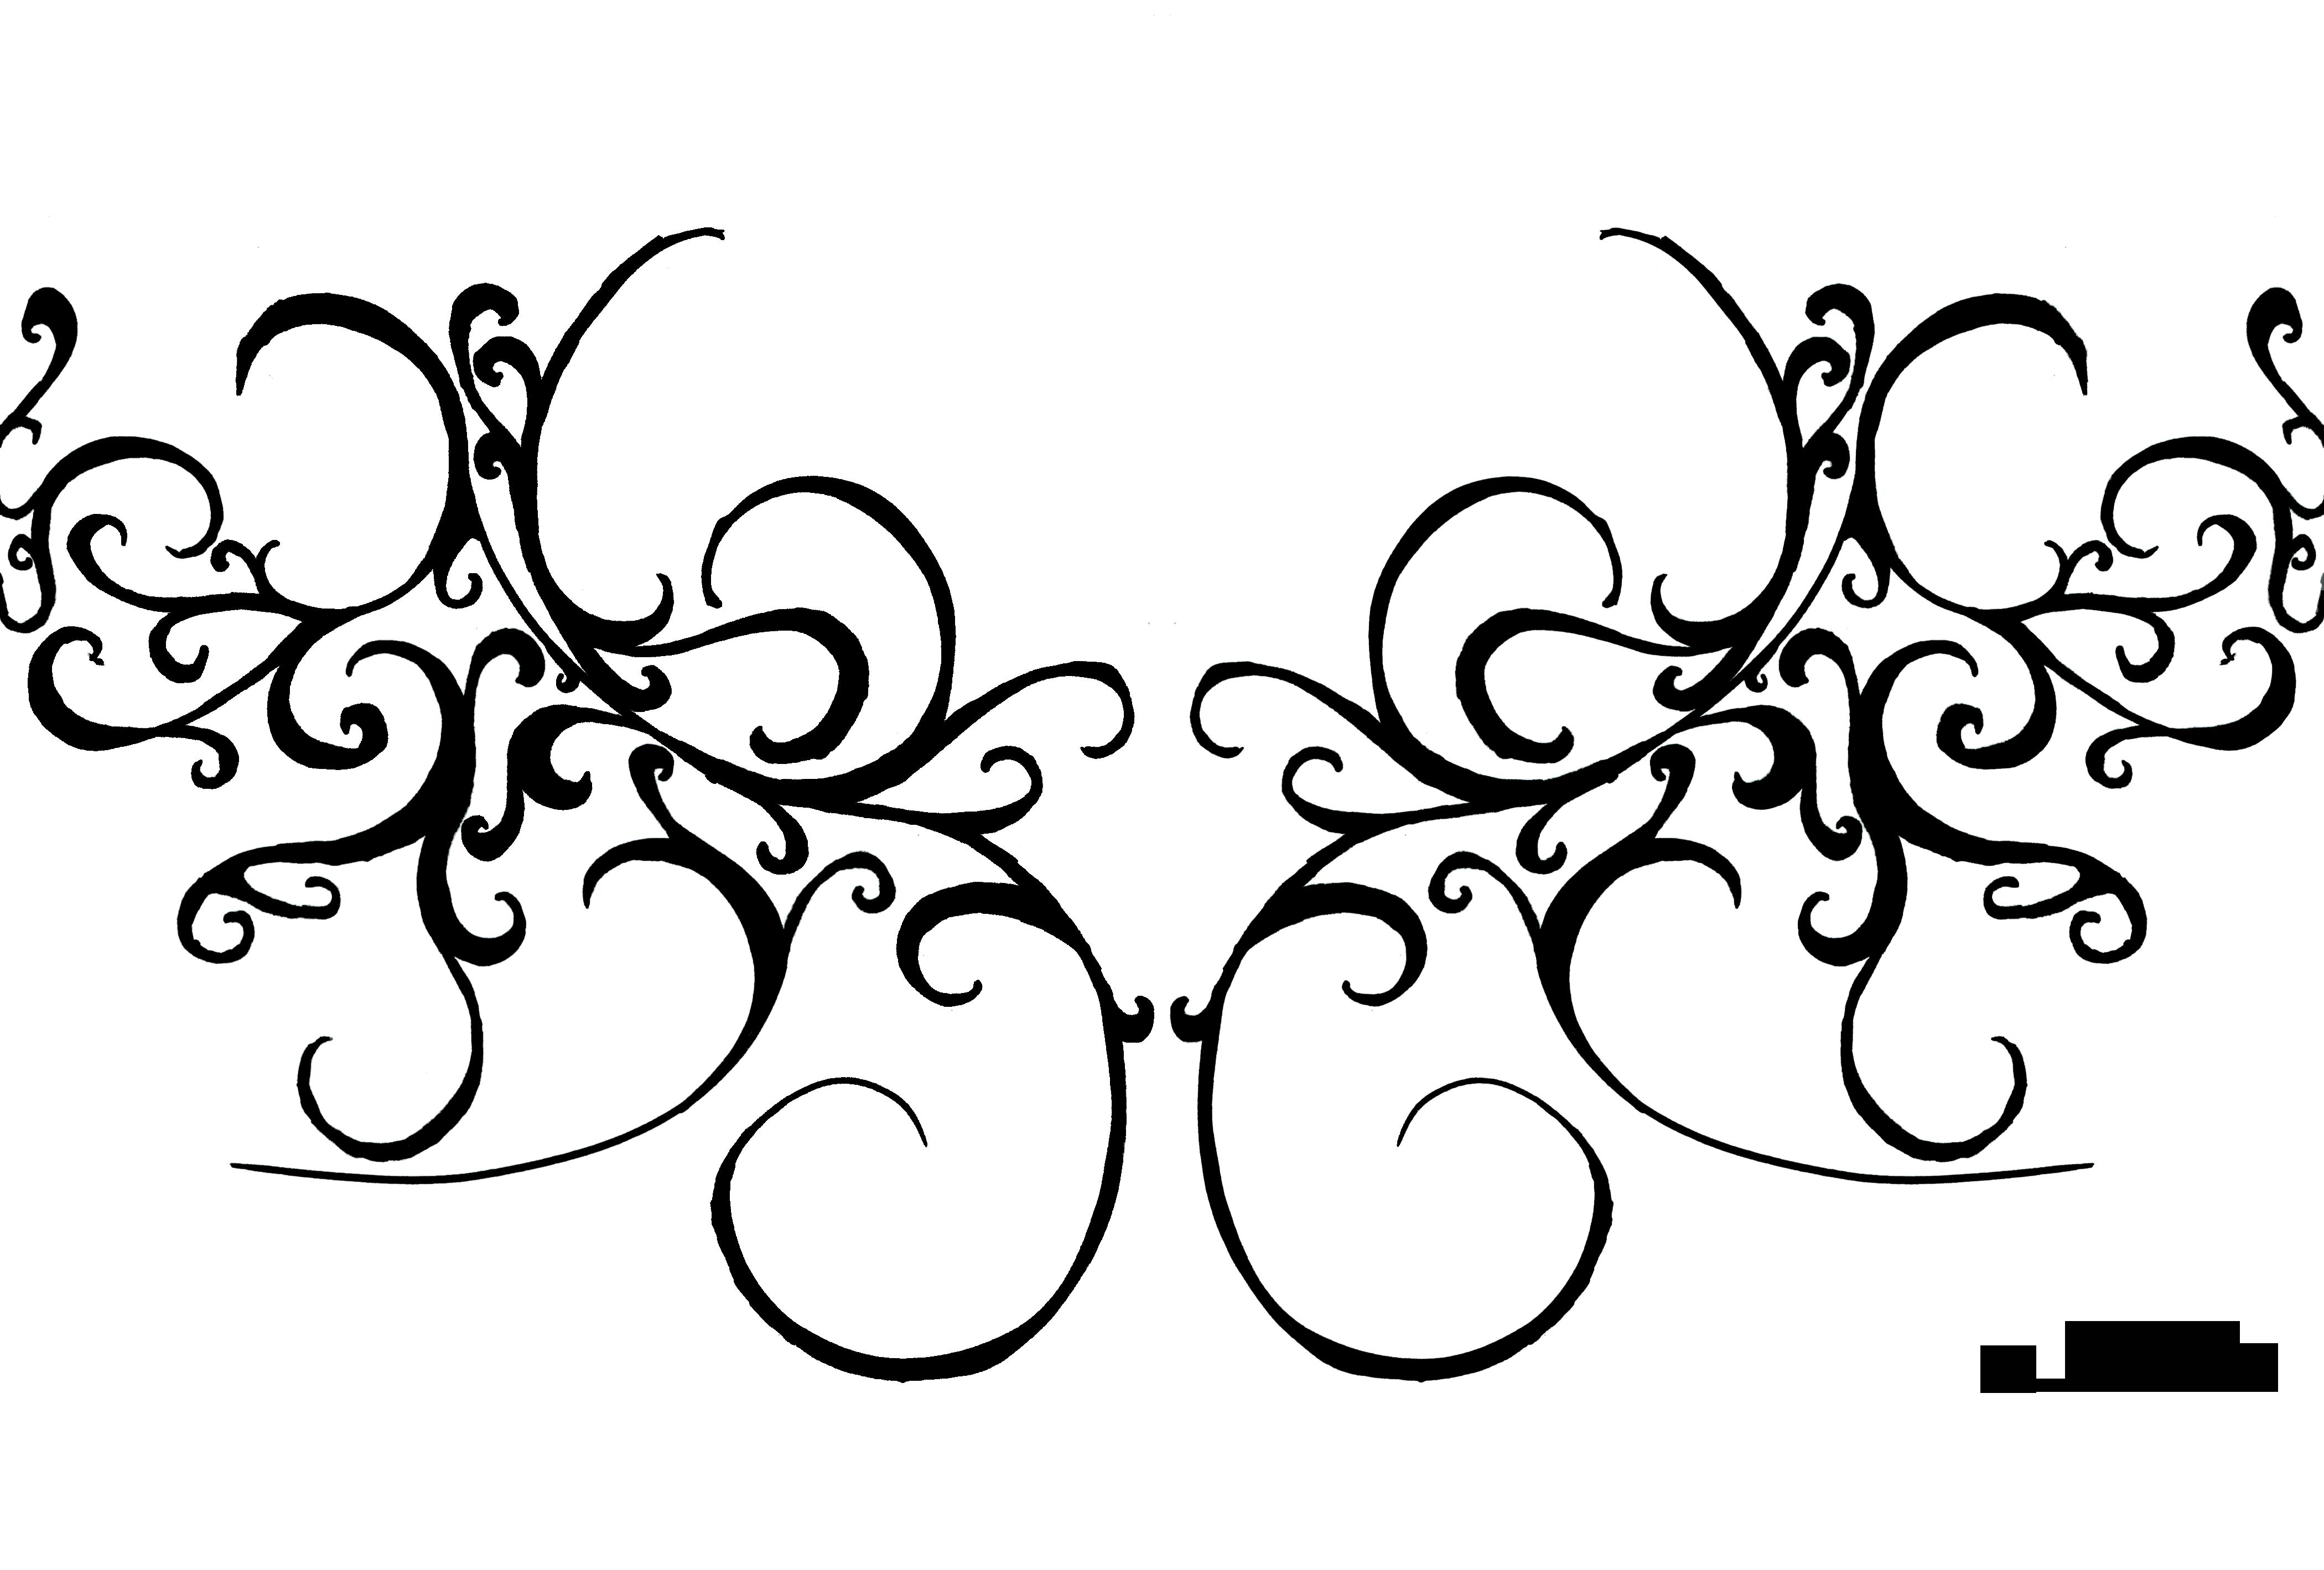 Old Swirl Six Double Wings by misosoup321 on DeviantArt